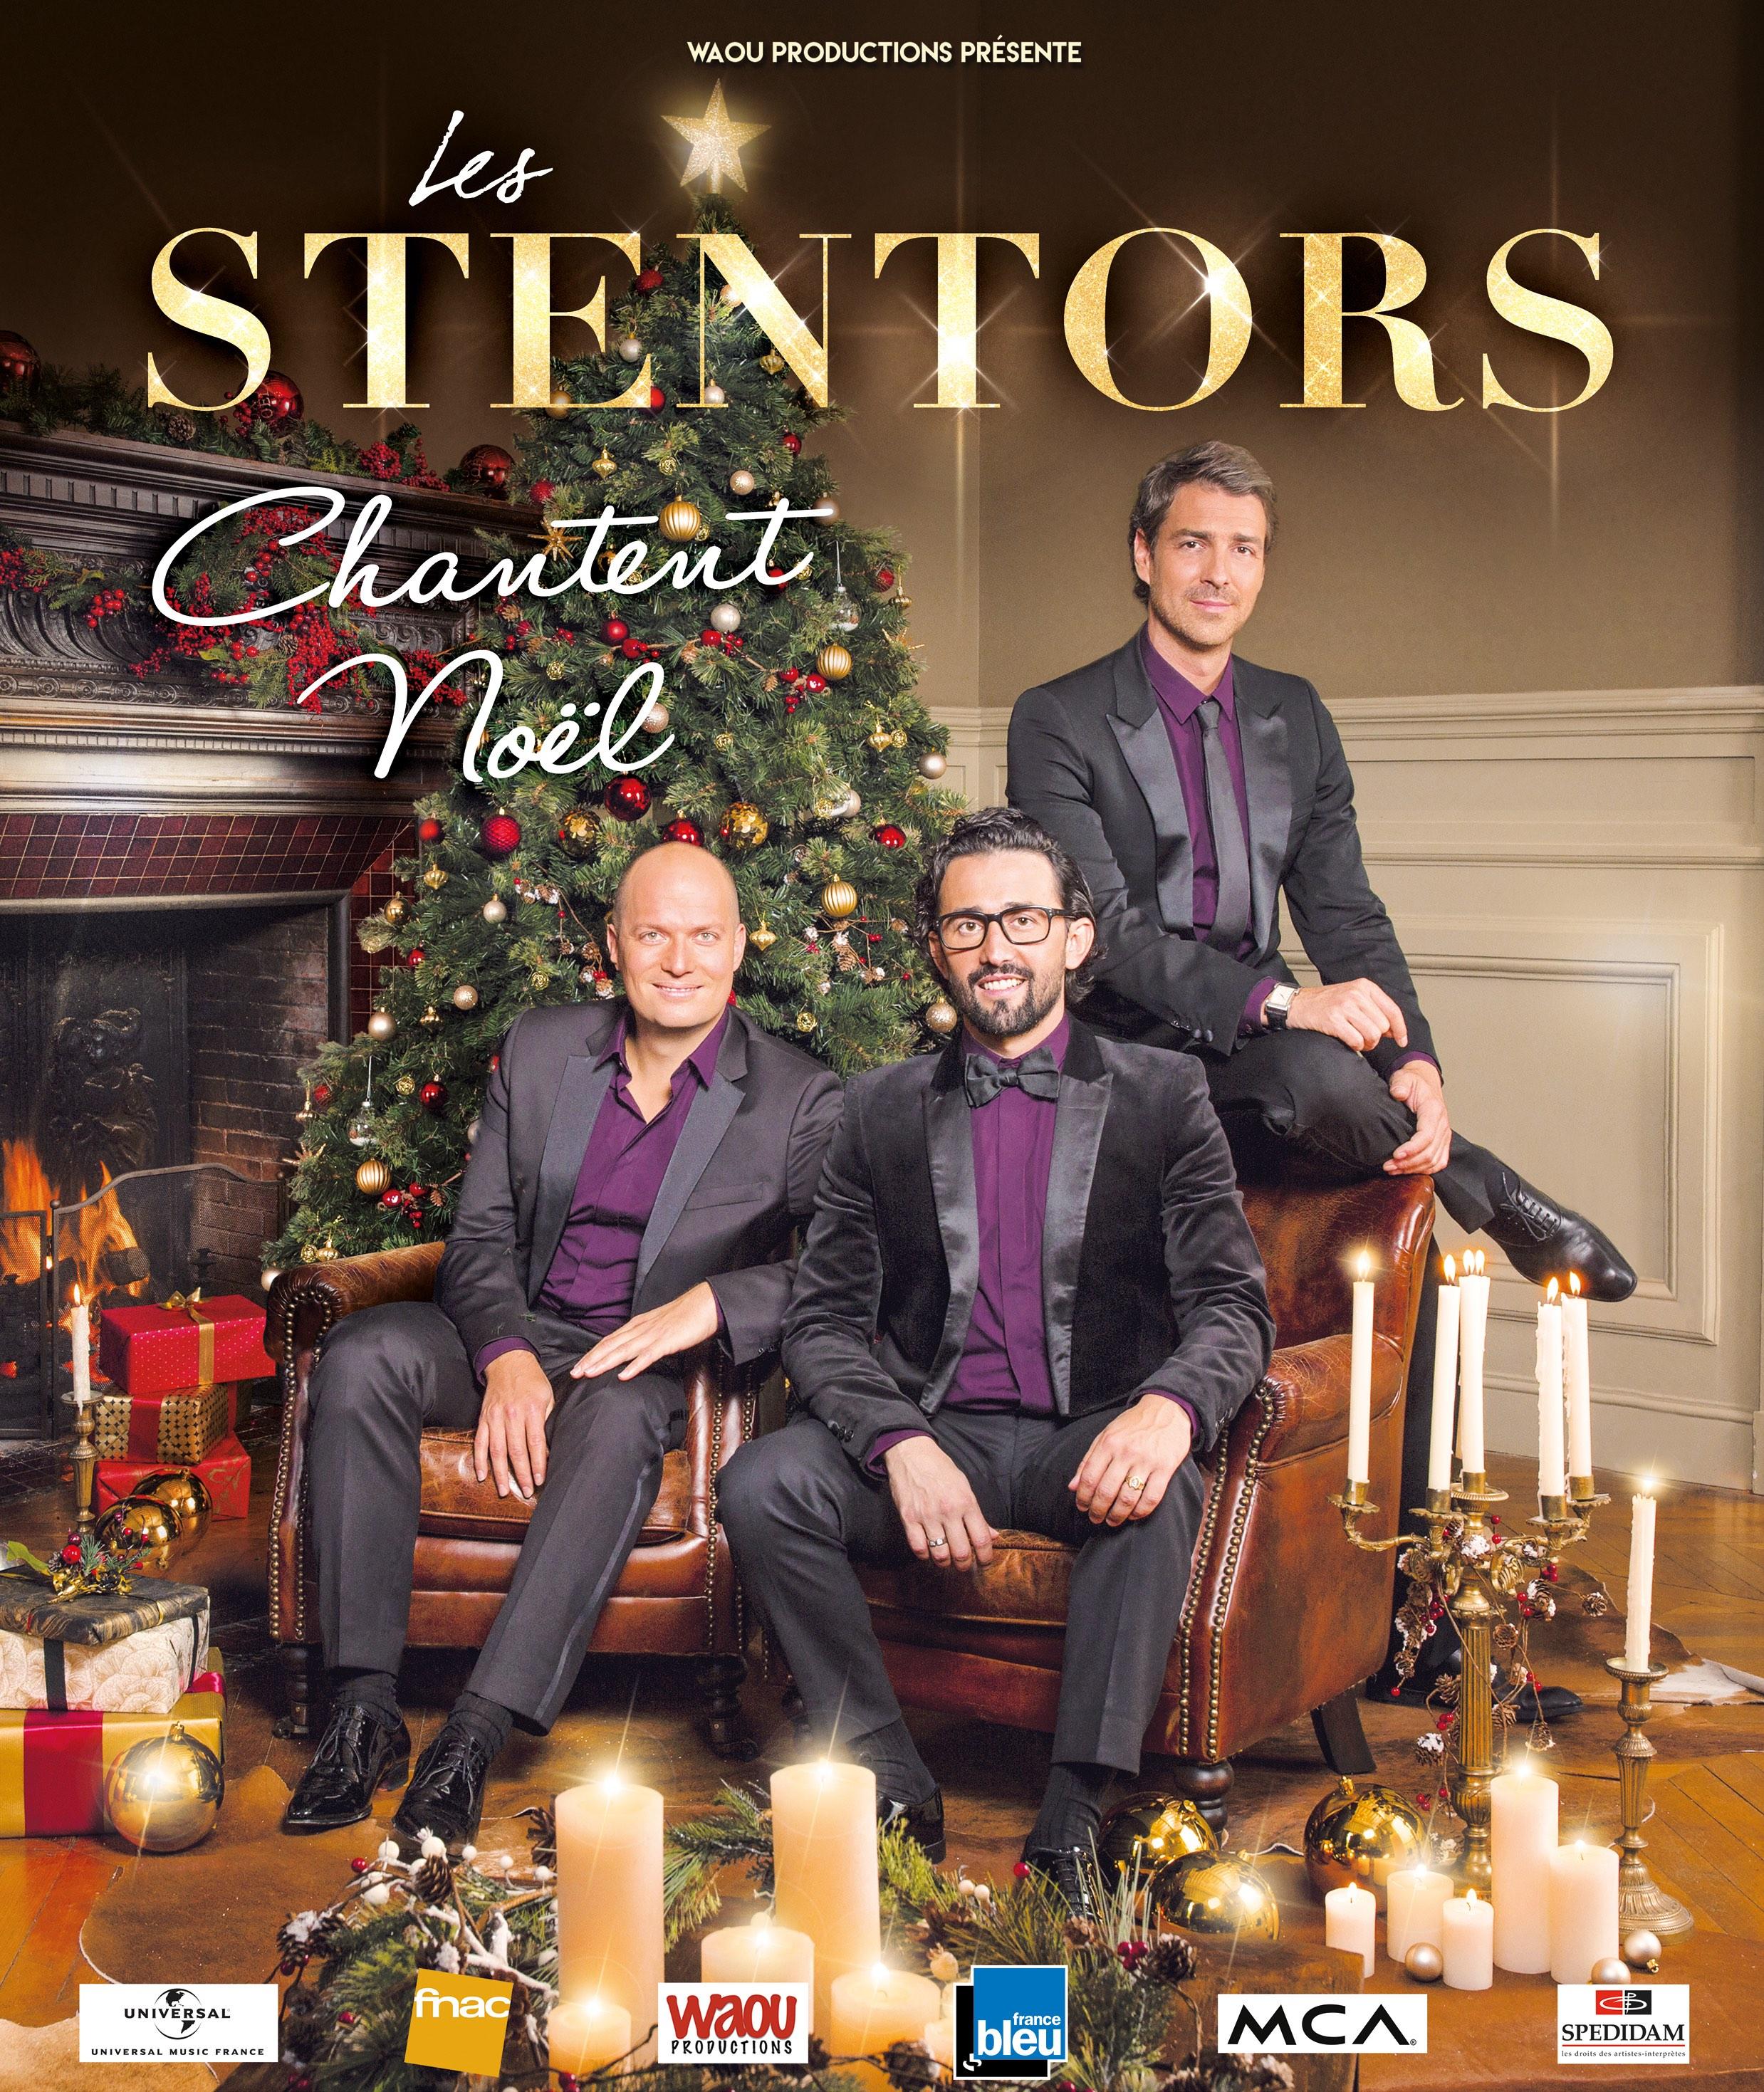 chante noel 2018 paris Les STENTORS Chantent NOEL 2019   Waou Productions chante noel 2018 paris